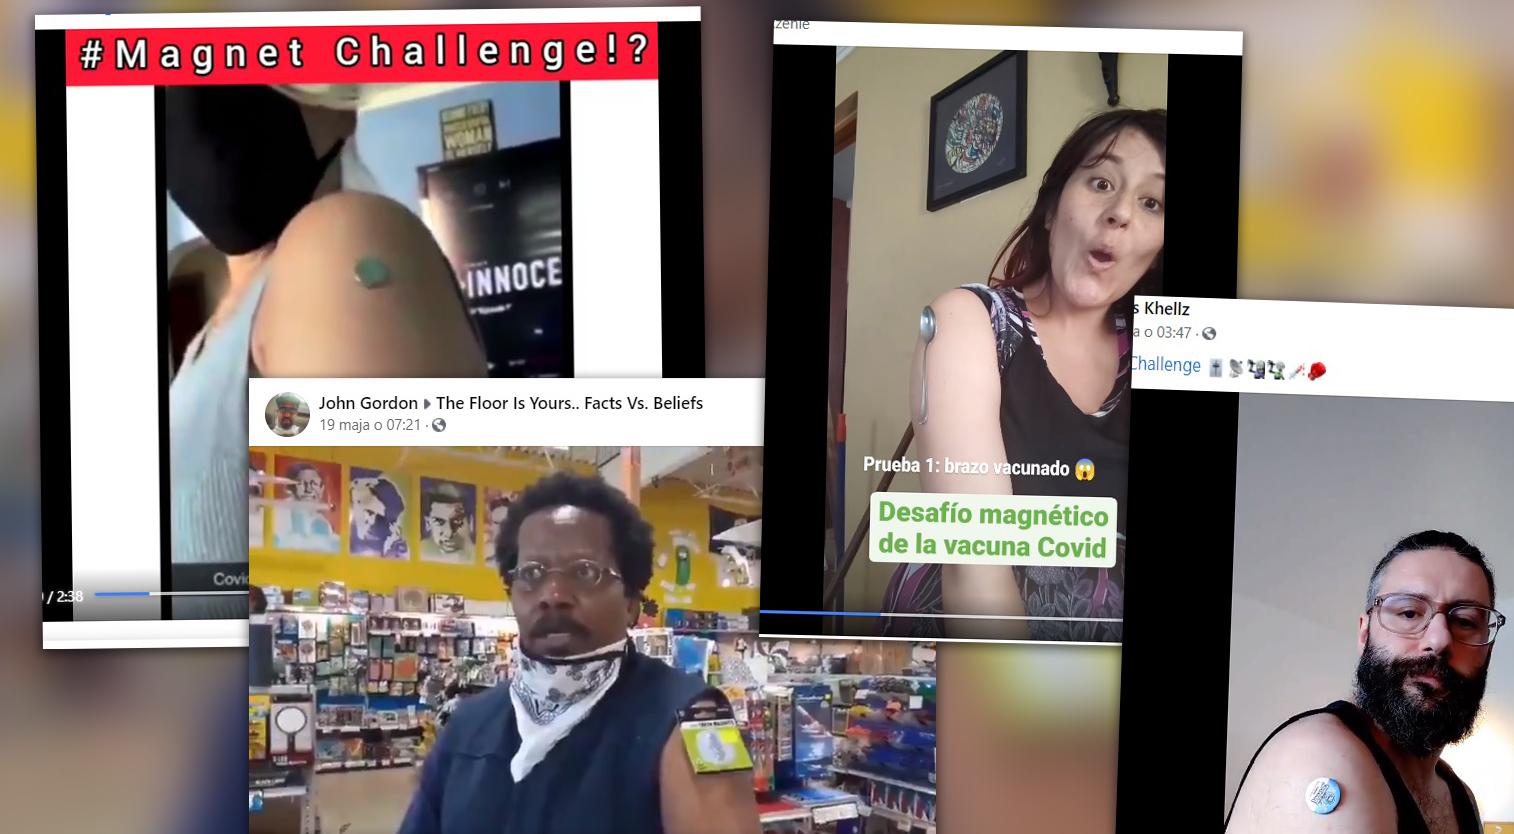 W ramach akcji #magnetchallenge internauci pokazują, jakoby miejsce po szczepieniu trzymało magnes